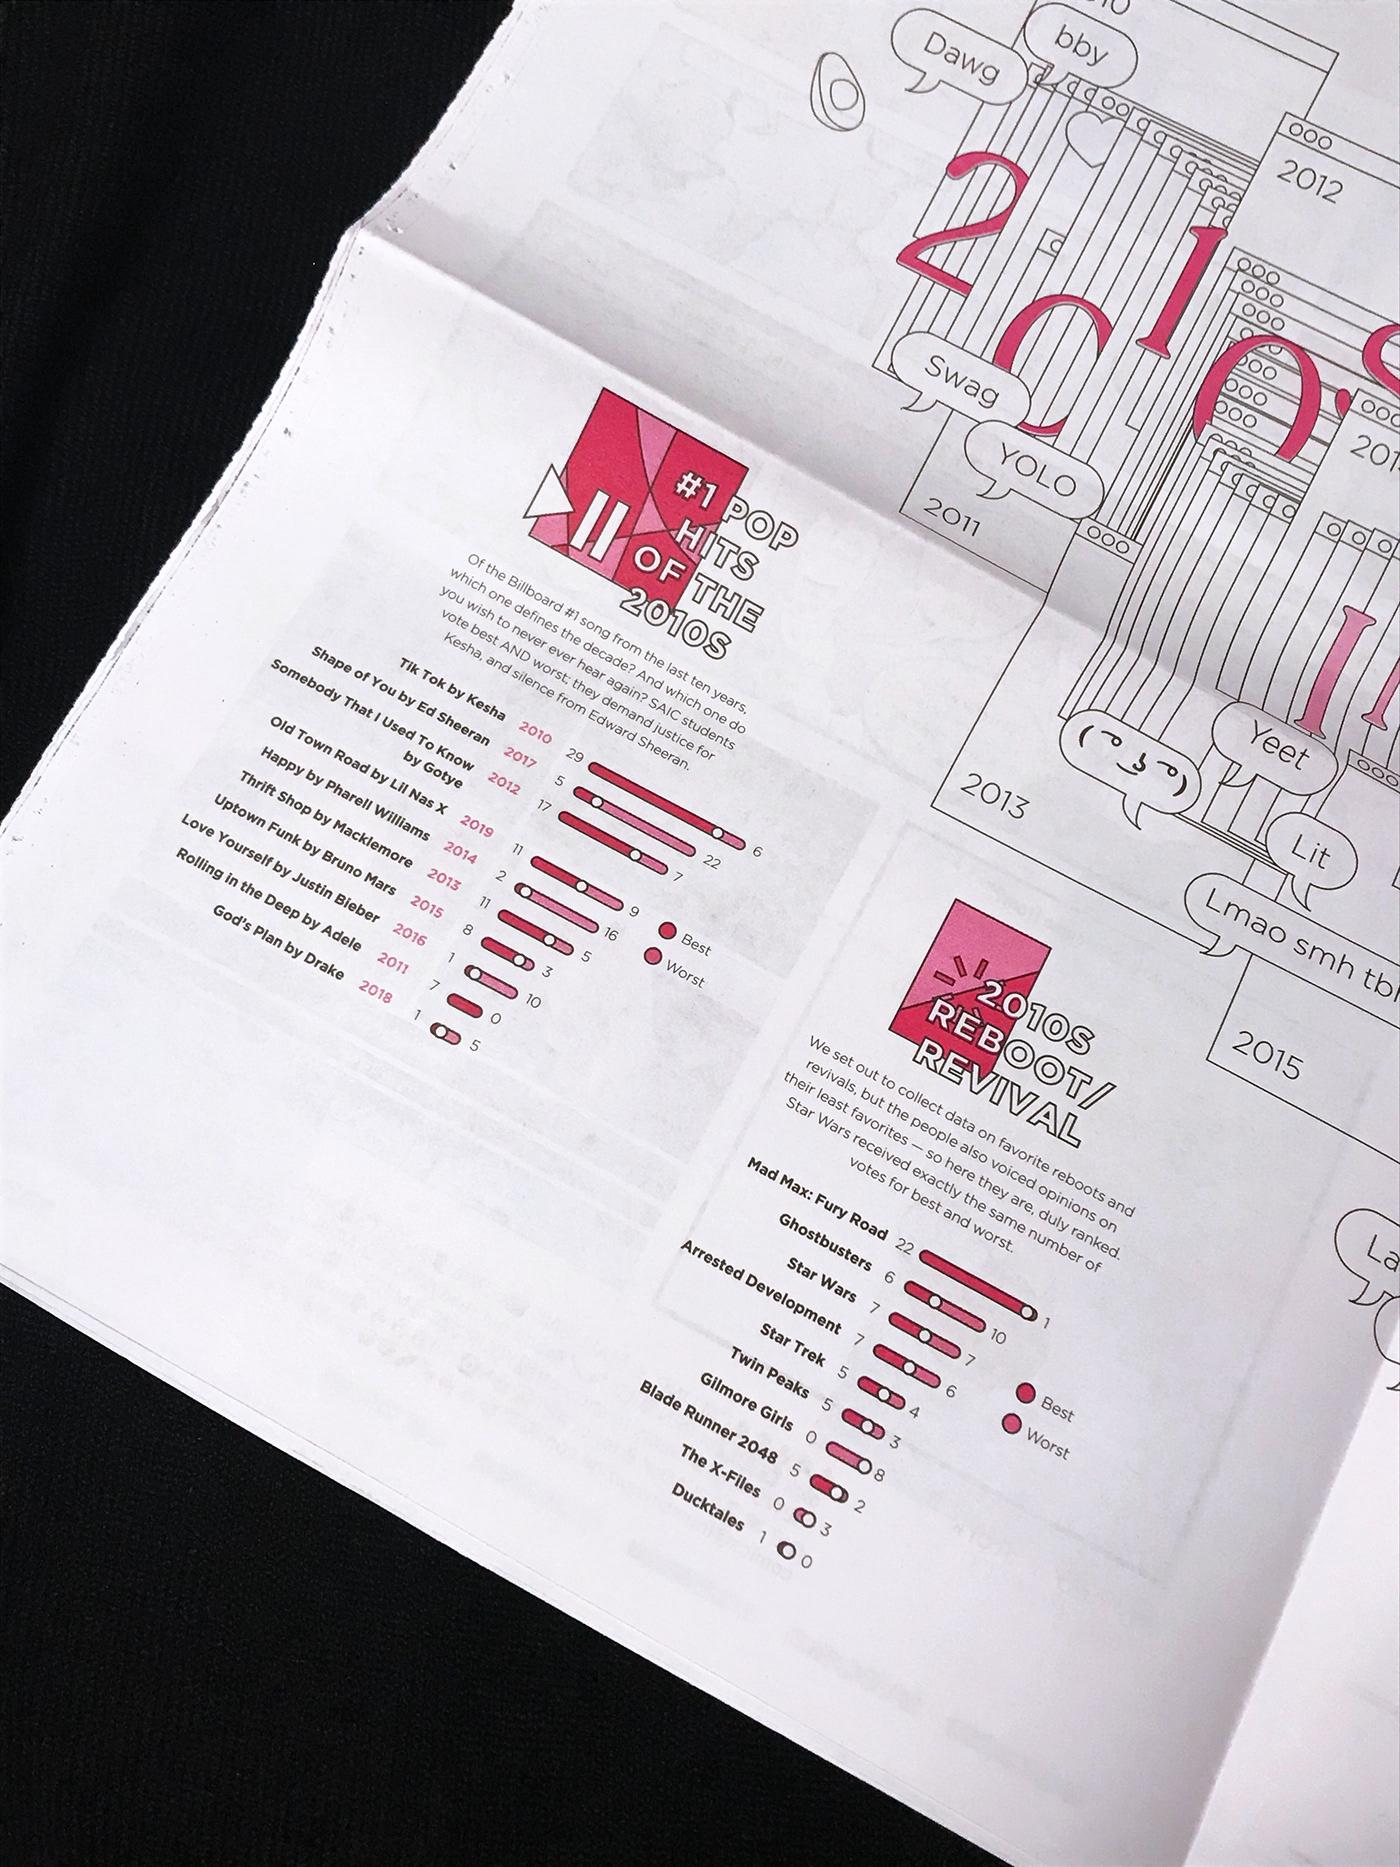 Image may contain: menu and handwriting